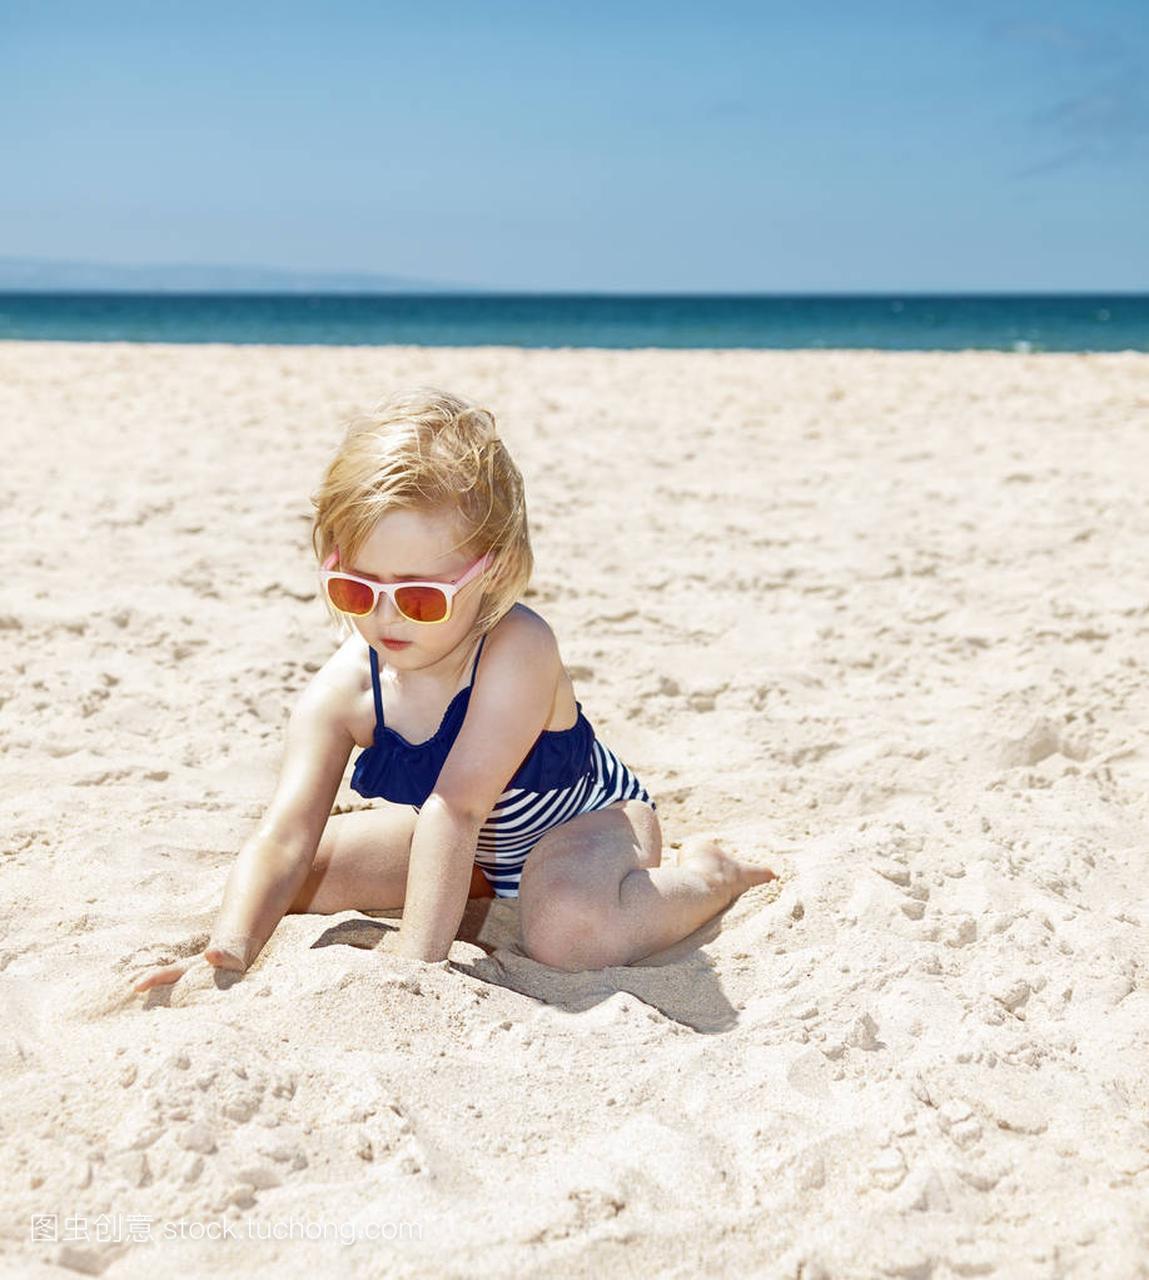 a沙子的沙子,在条纹的泳衣上玩性感的沙滩女孩拉拉白色写真集图片